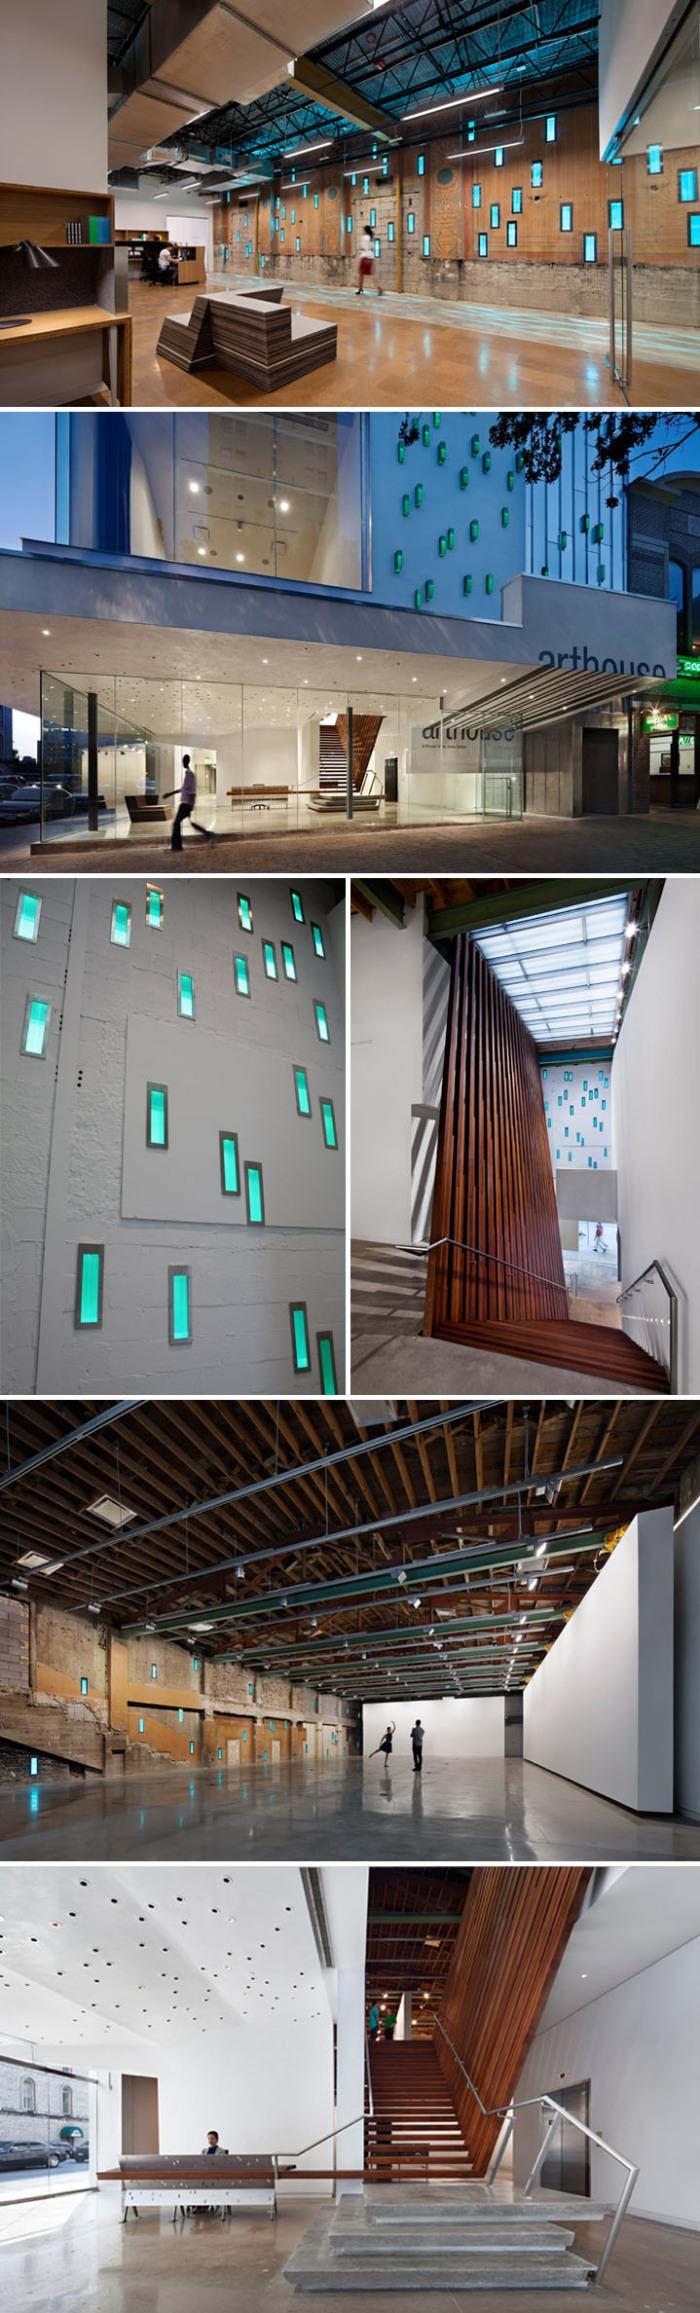 Arts Center, Austin Texas, LTL Architects, Texas Society of Architects AIA Award